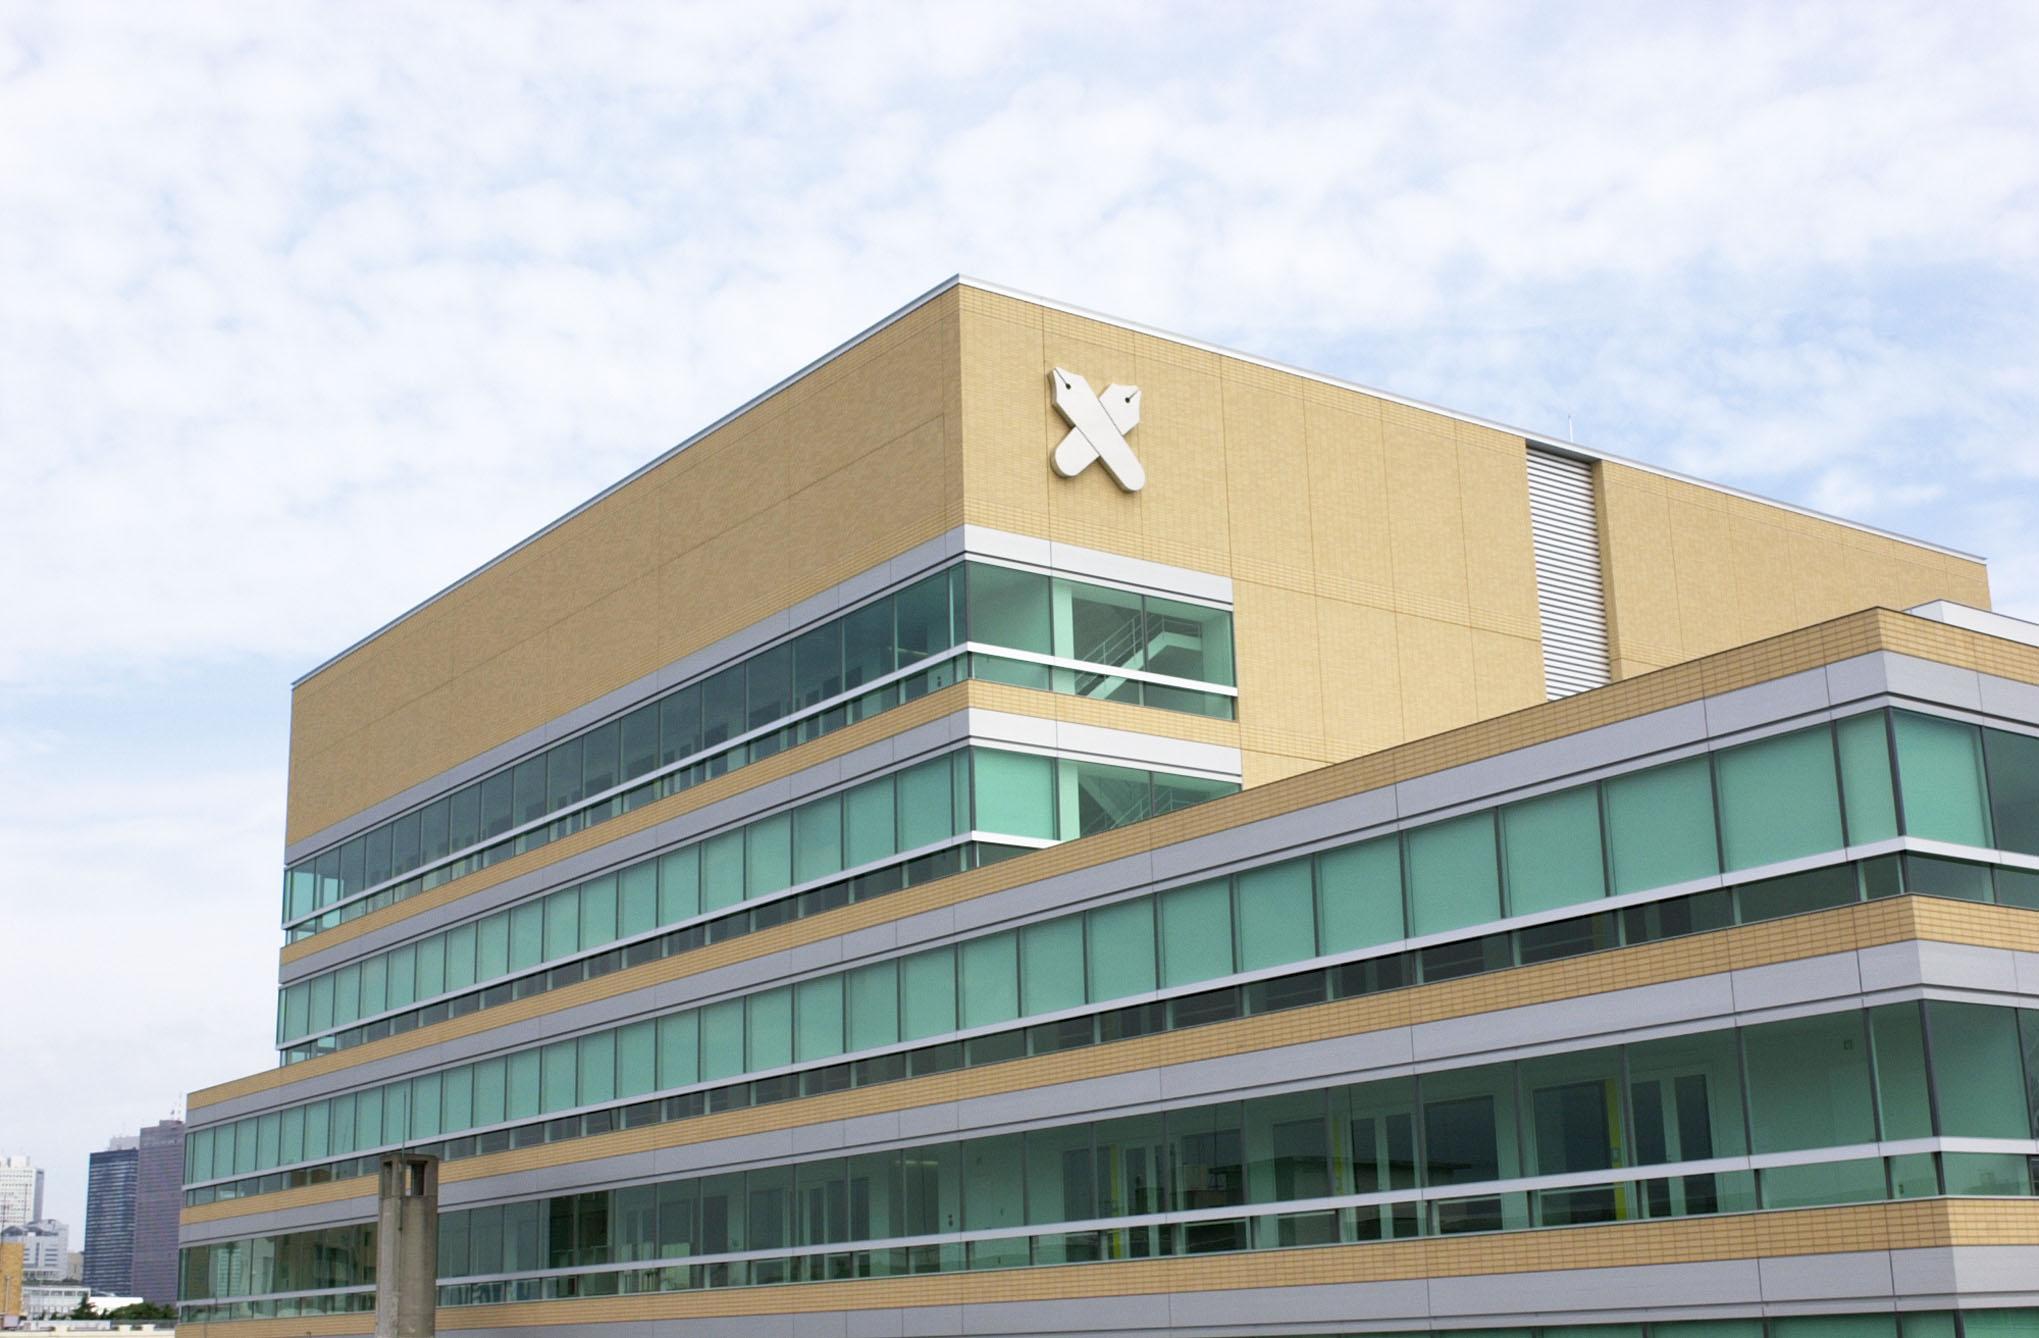 信濃町キャンパス外観